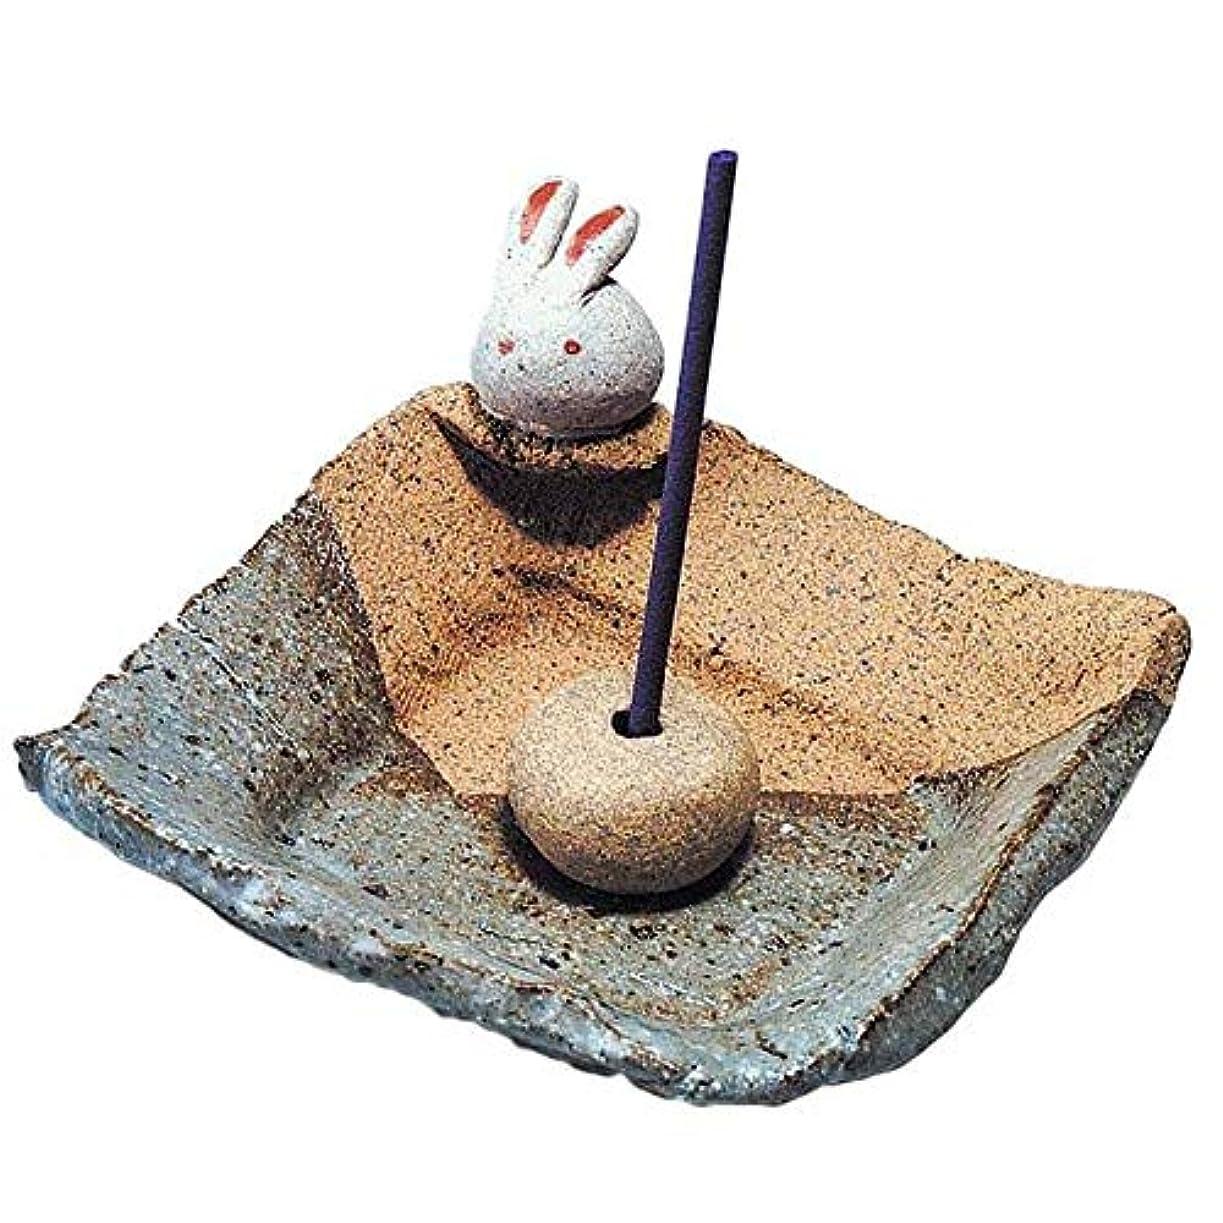 バックトラフィックスピーチ手造り 香皿 香立て/うさぎ 香皿/香り アロマ 癒やし リラックス インテリア プレゼント 贈り物